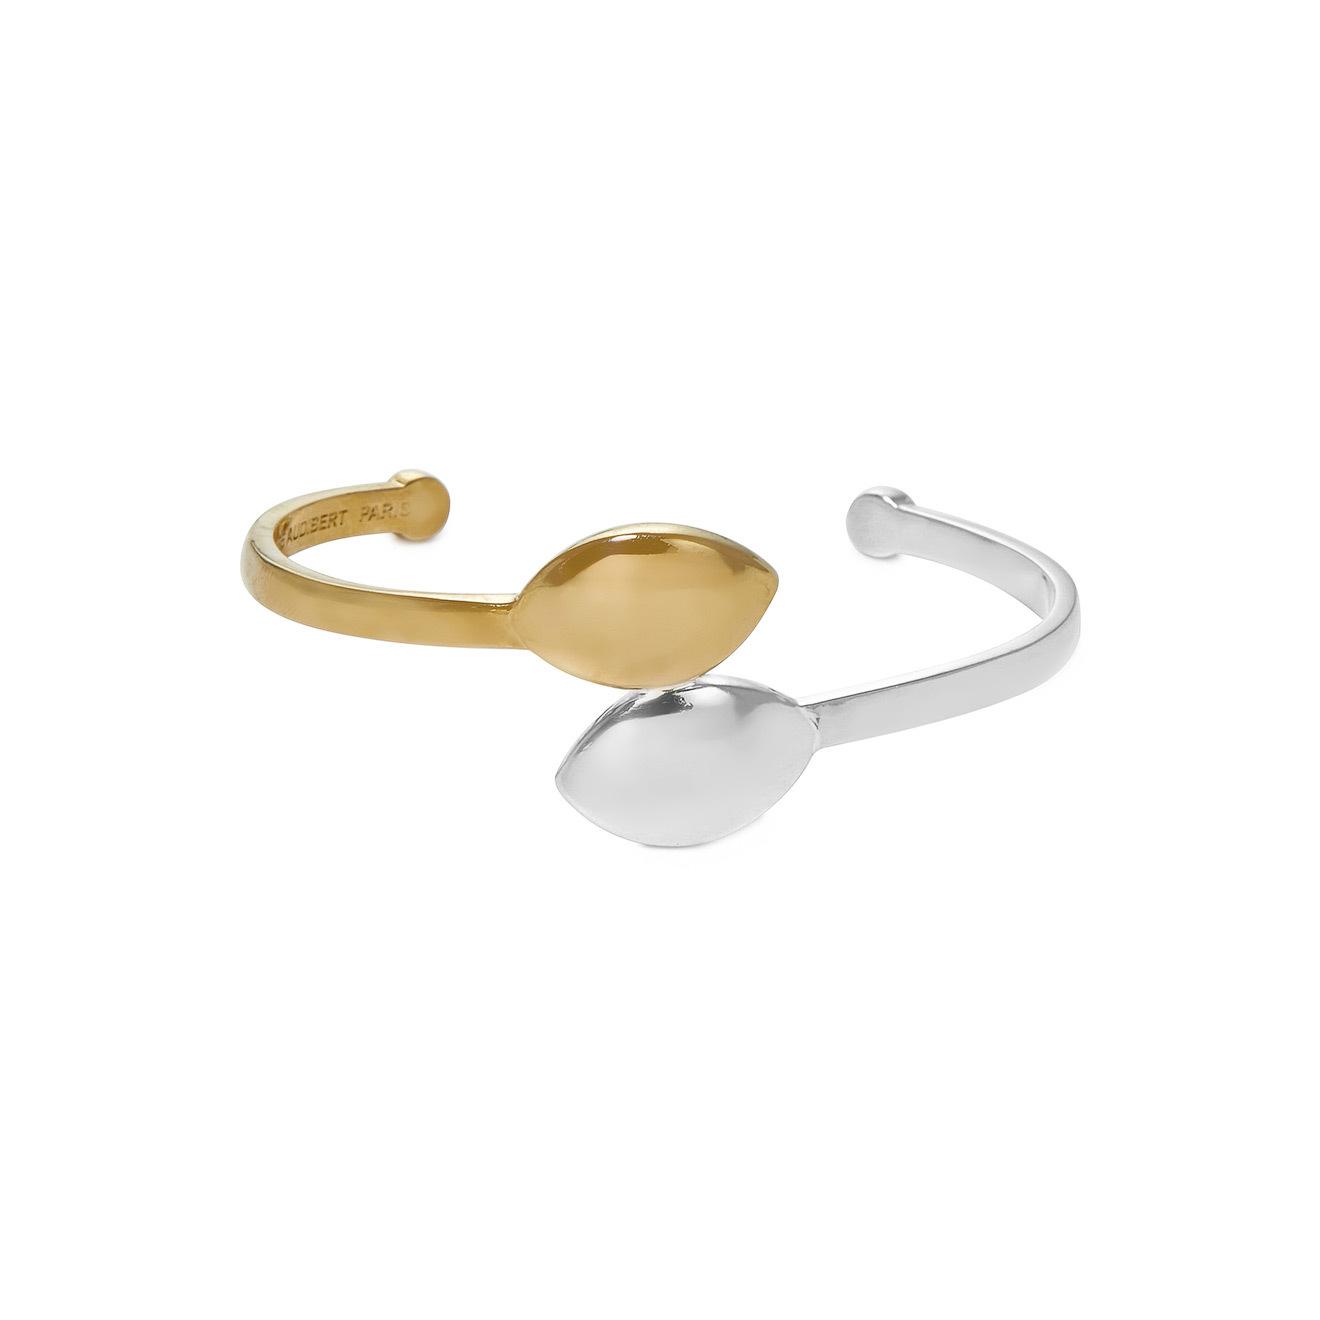 Philippe Audibert Биколорный браслет Guily philippe audibert биколорный браслет ginger